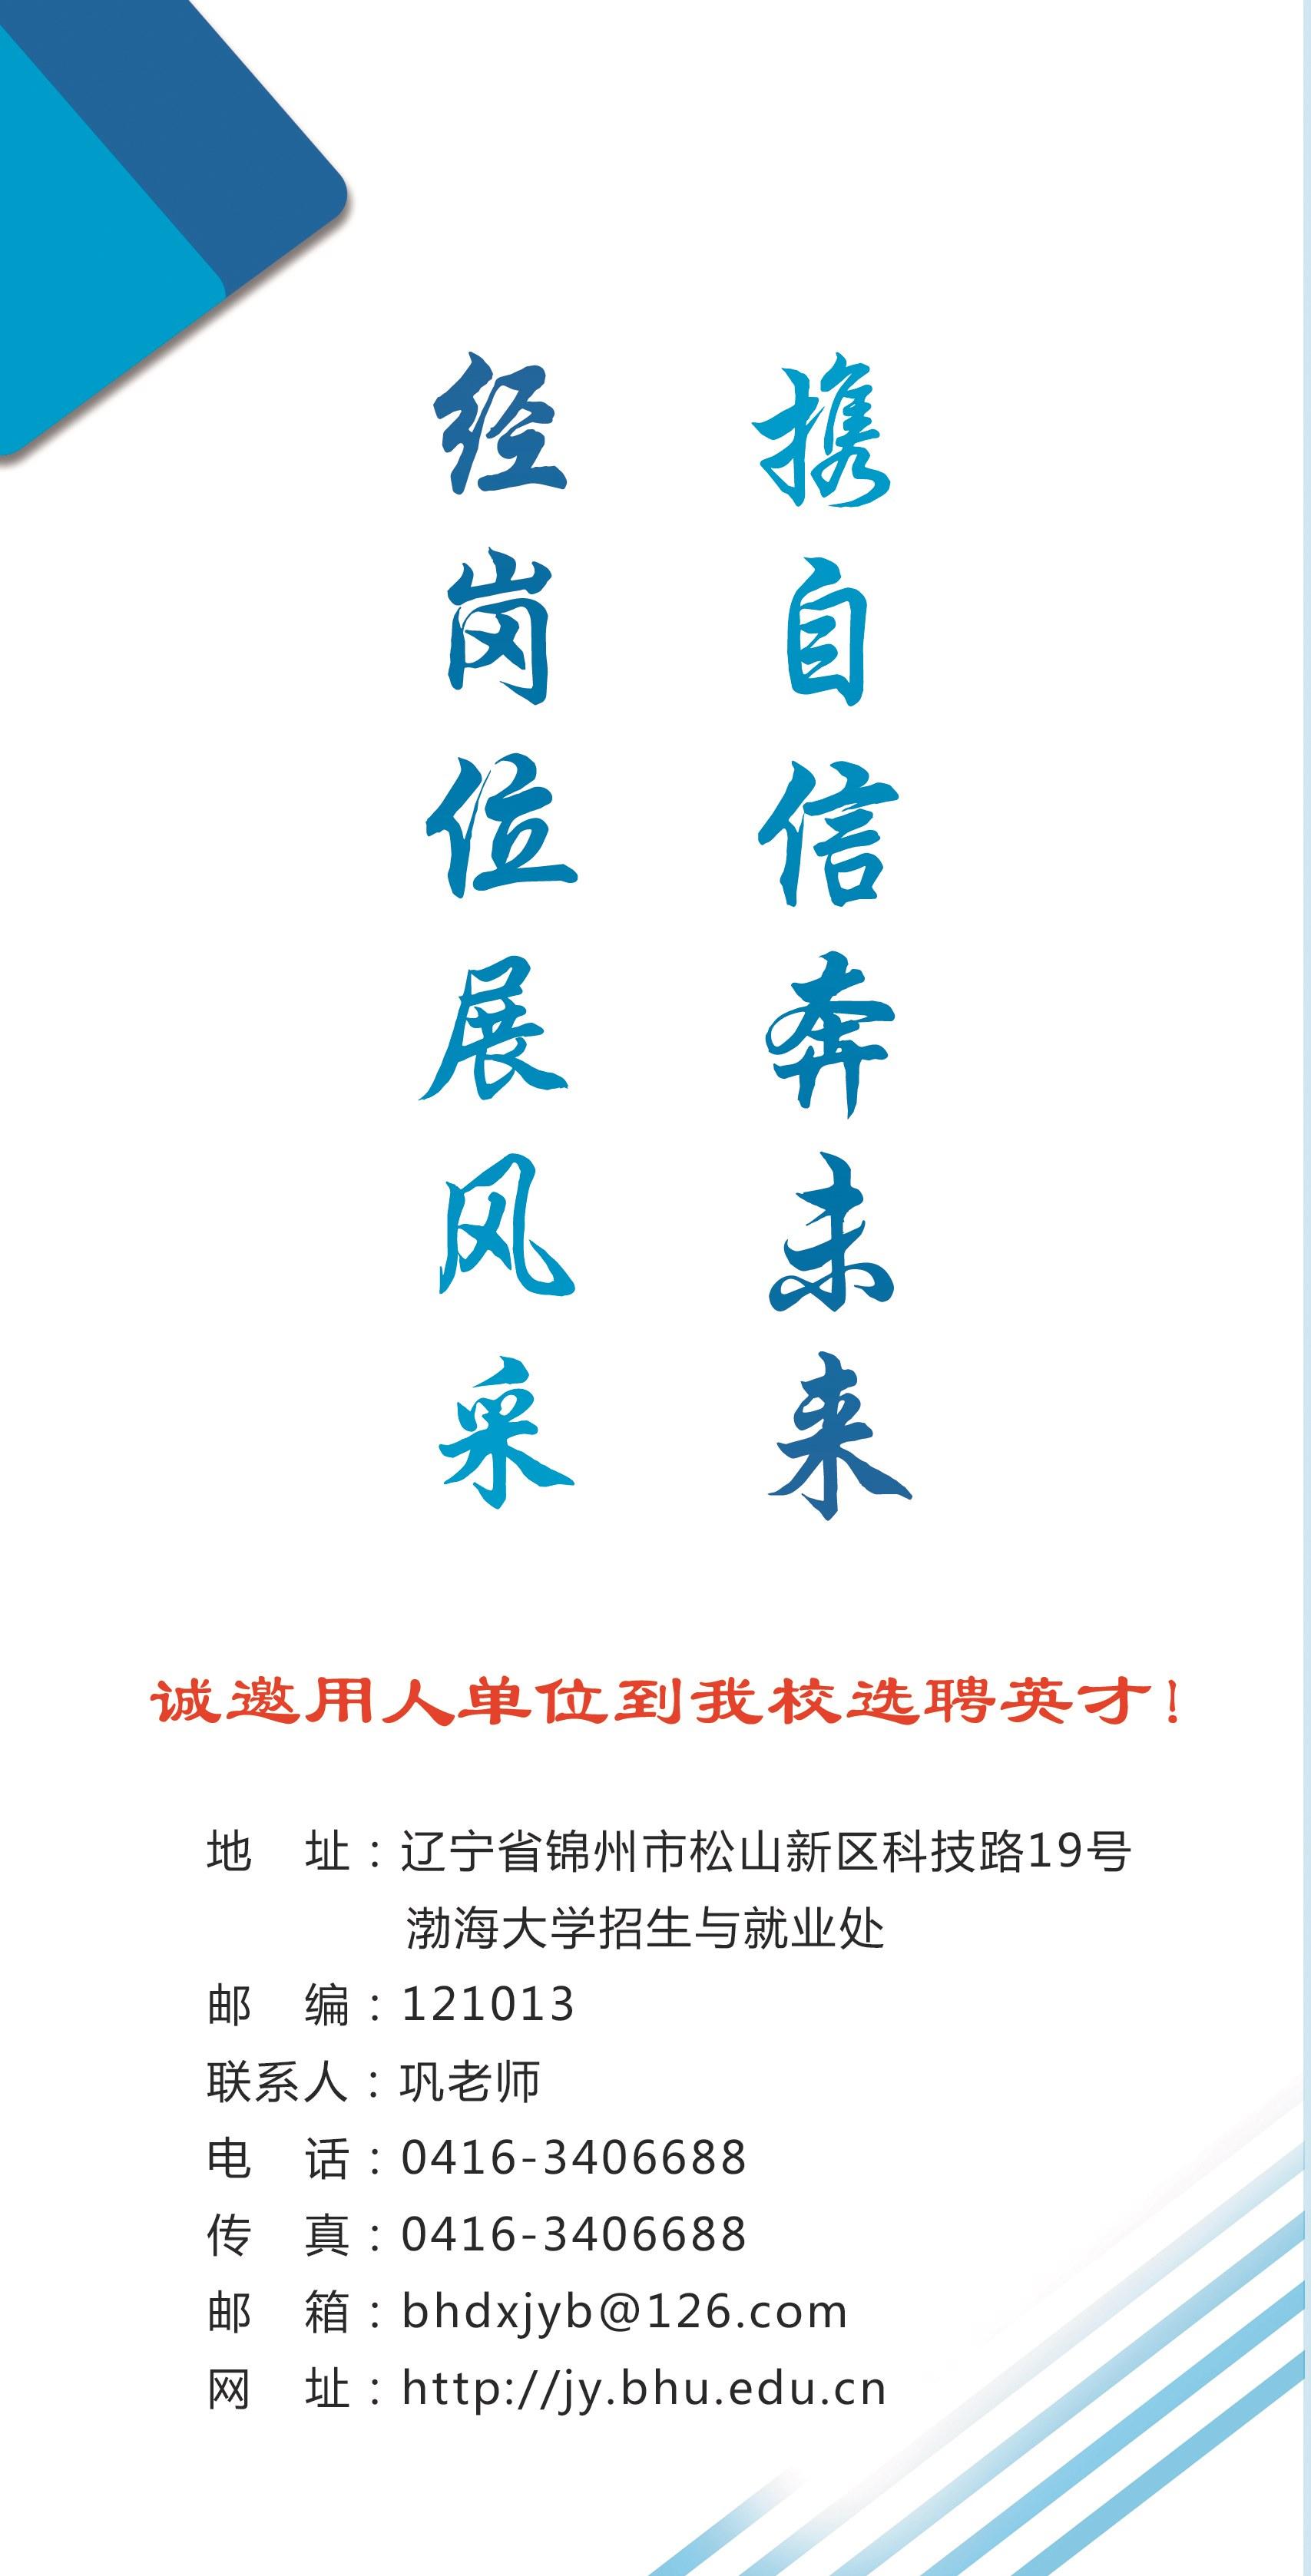 2021届毕业生信息册-6.jpg